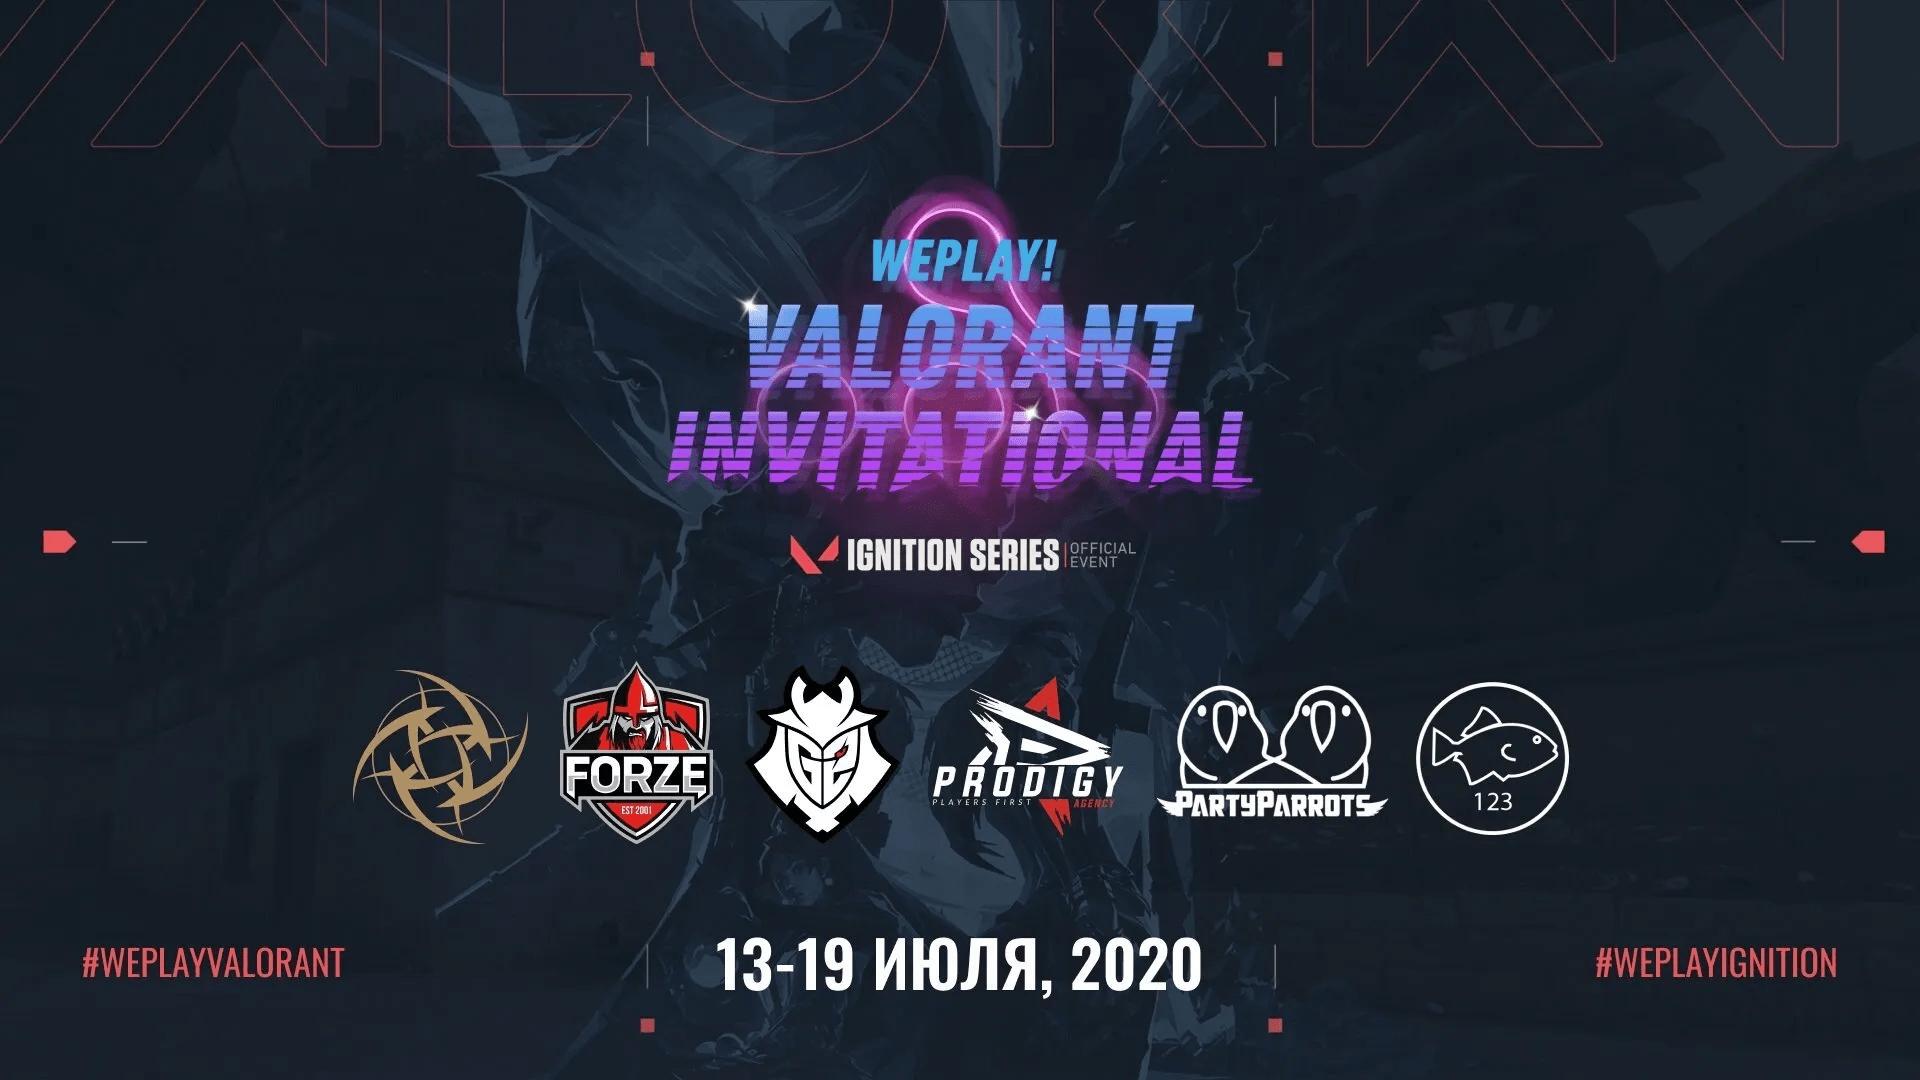 Мы планируем проводить новые турниры по этой игре Руководитель отдела киберспорта WePlay о первом турнире по VALORANT